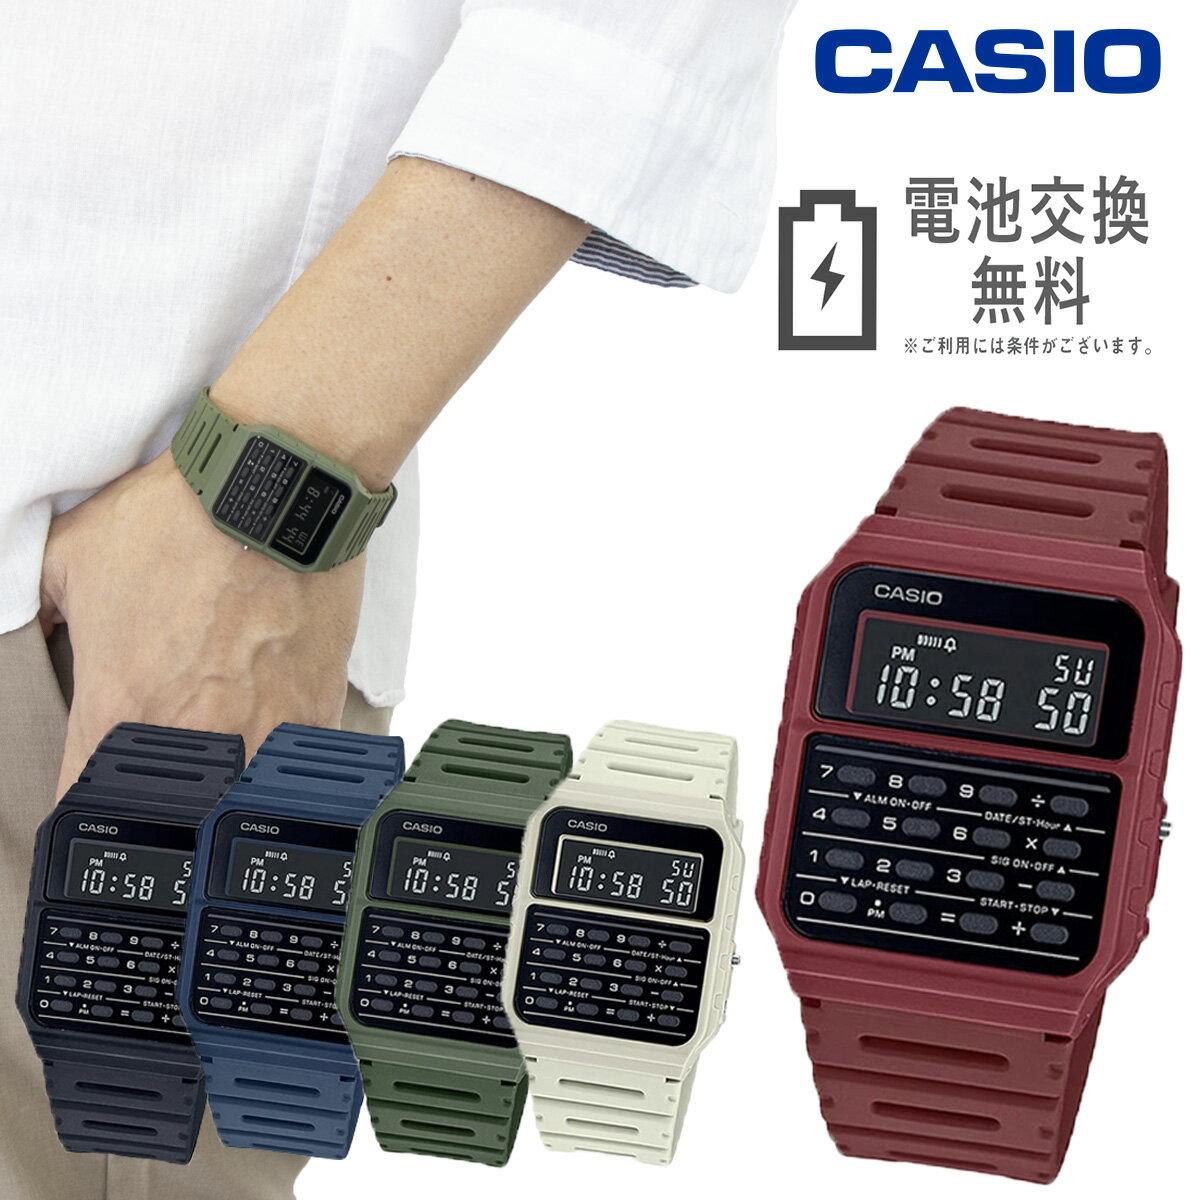 CASIO Calculator Watch OKCASIO calculator CA53WF...